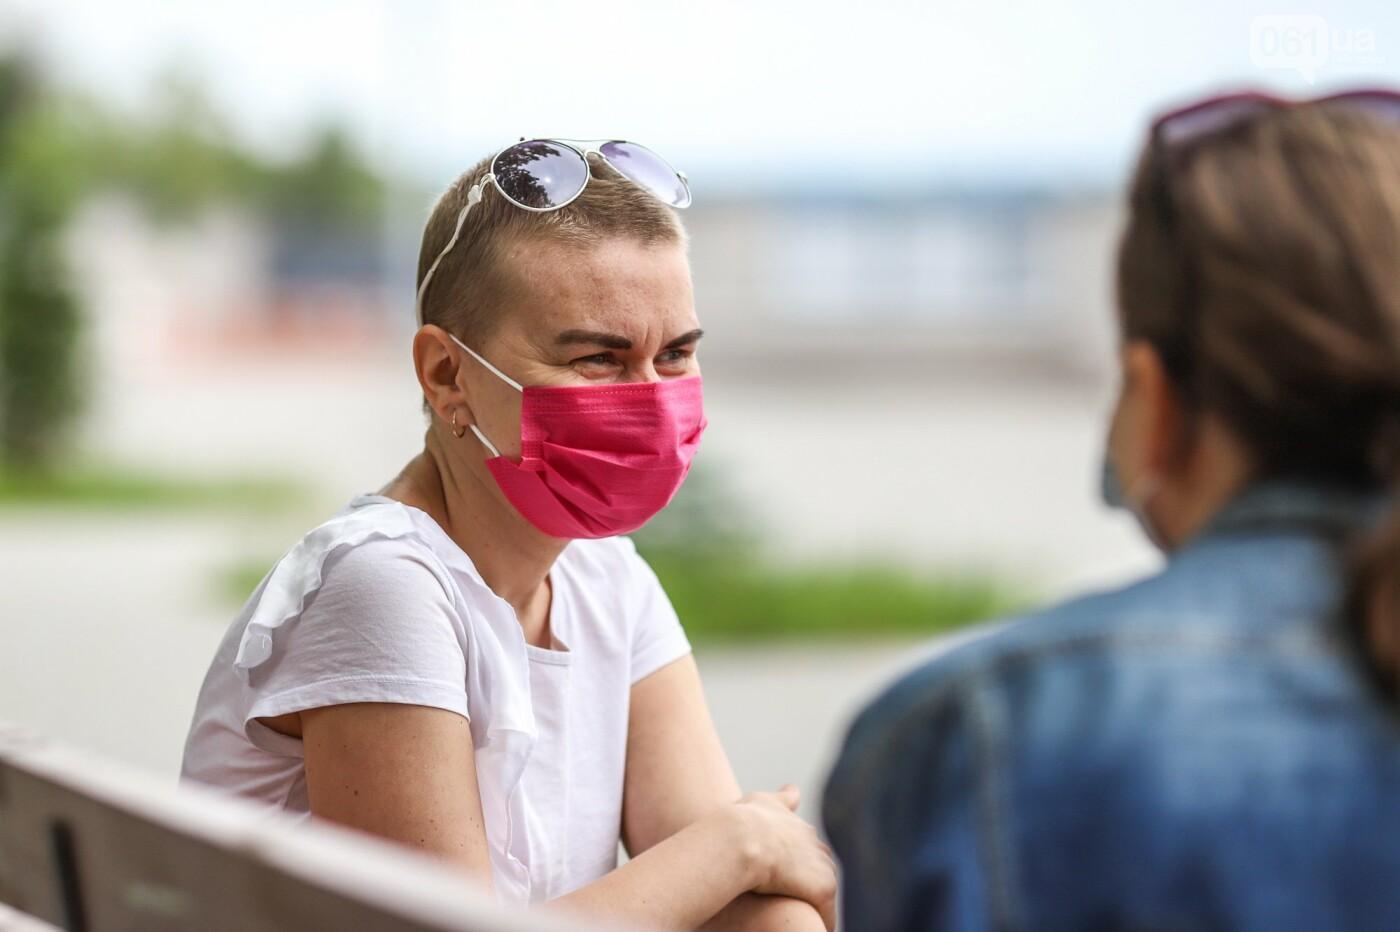 img0488 60bb45905ef69 - «Страшно йти до лікаря і почути такий діагноз, але ще страшніше померти в 33 роки»: запоріжанка Юлія Новицька про боротьбу з раком